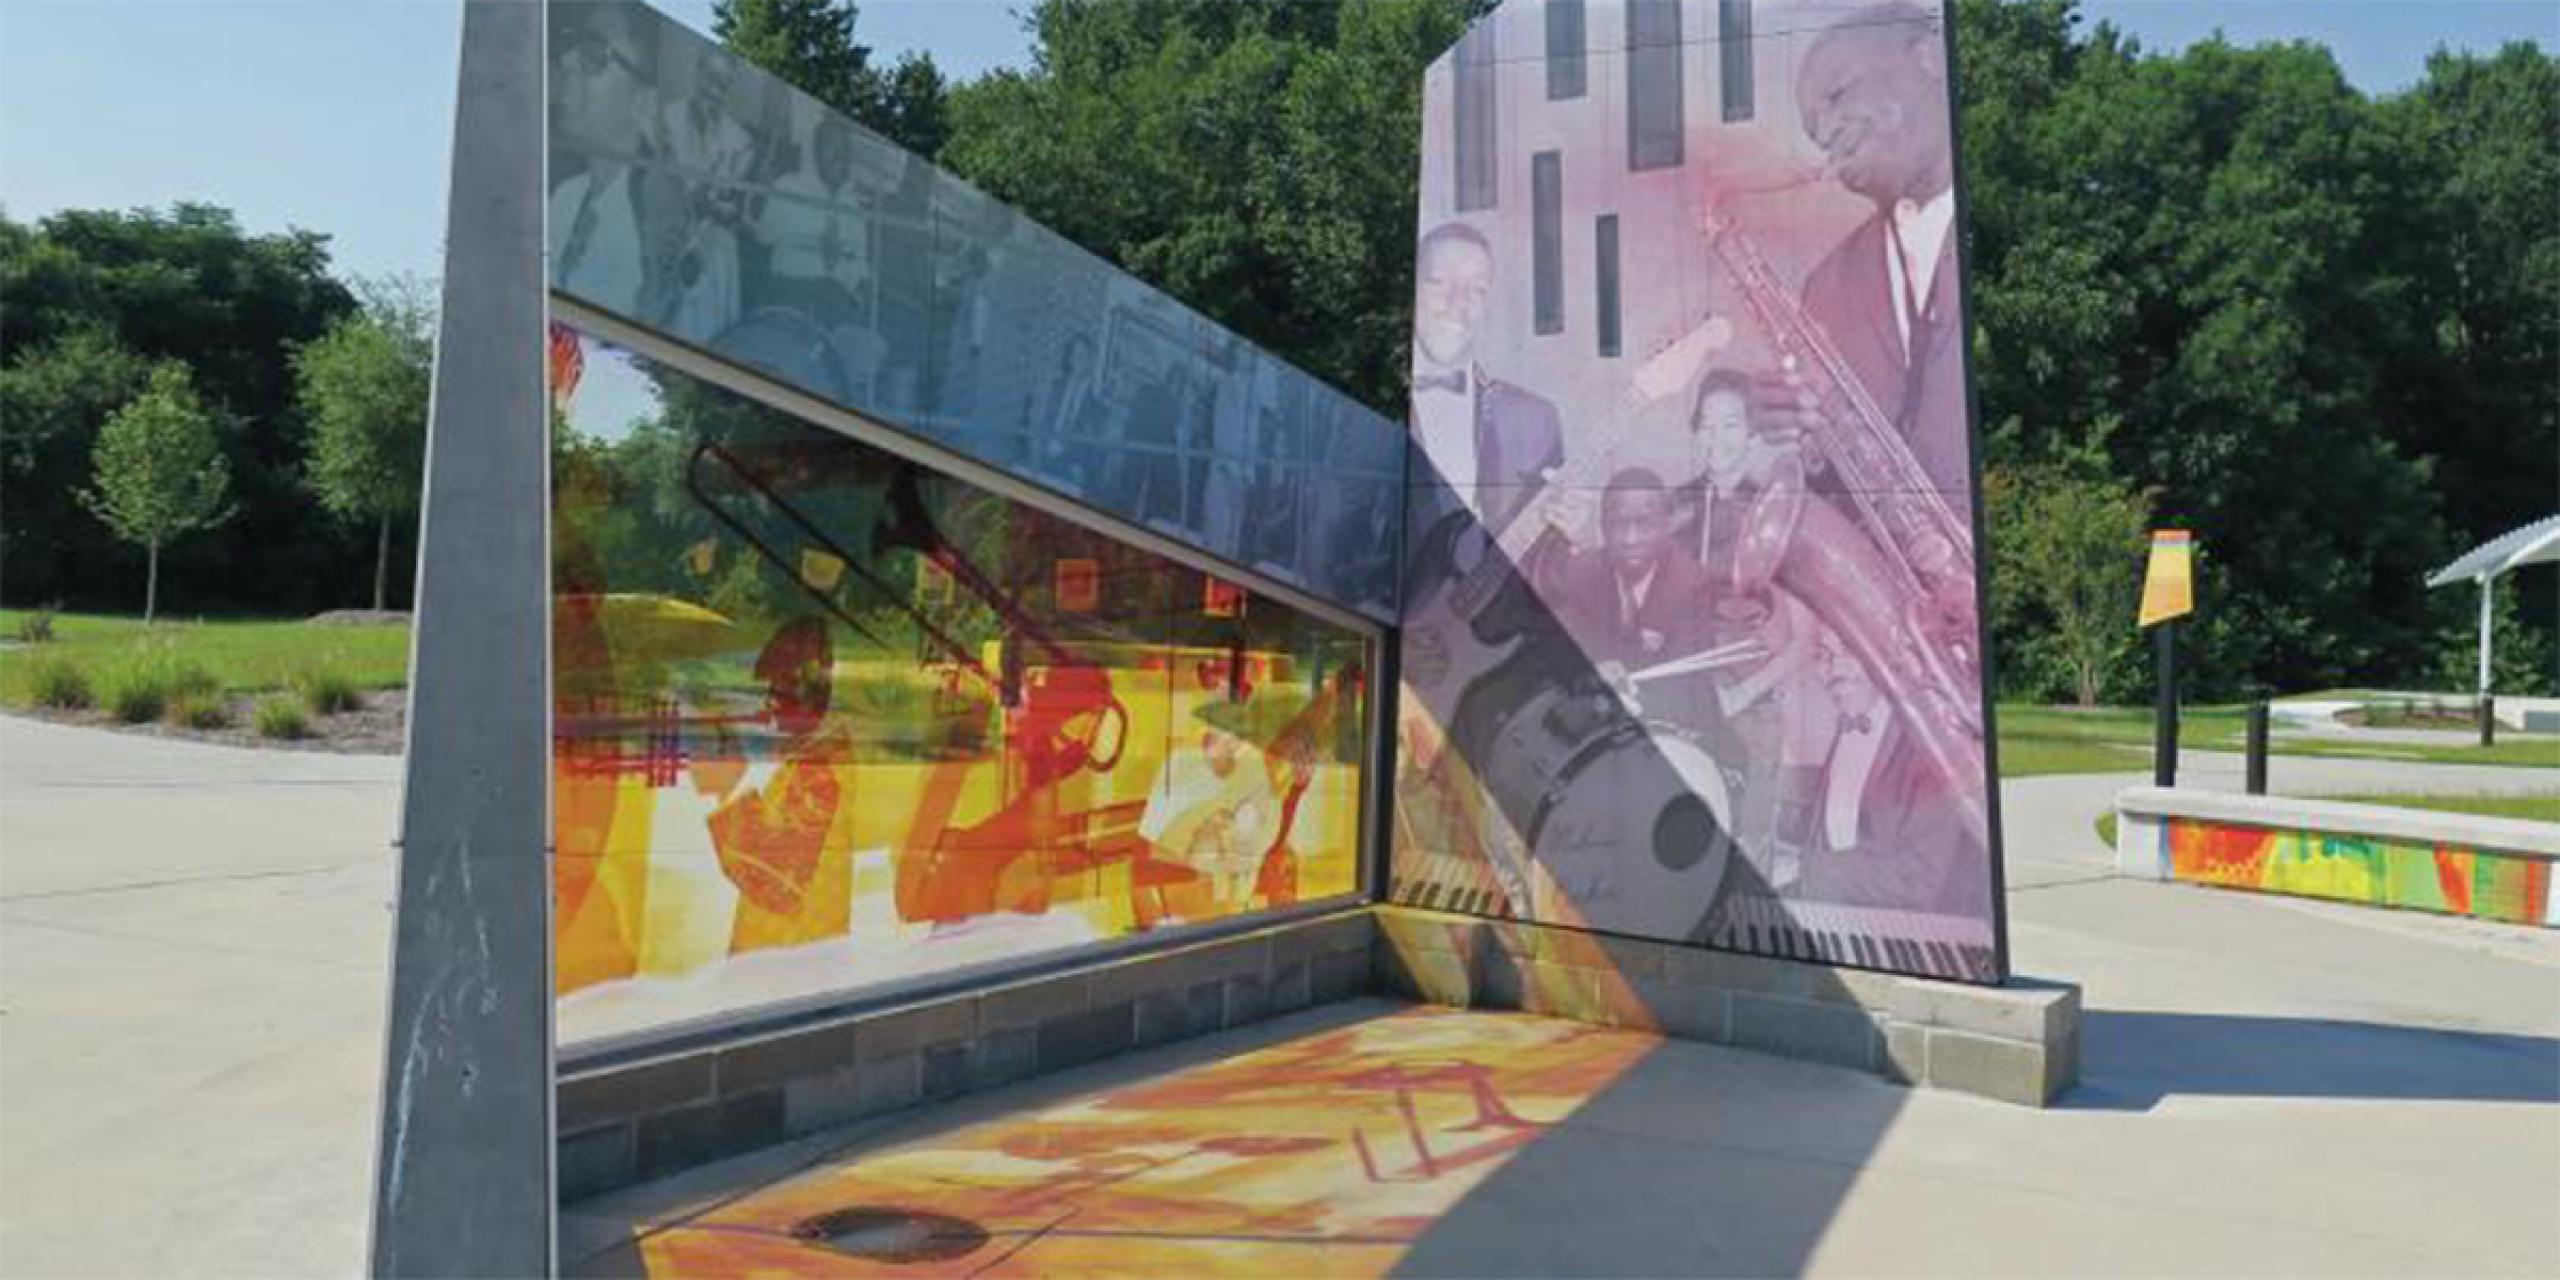 交叉口雕塑由大卫·威尔逊和布兰登·尤,金斯顿音乐公园